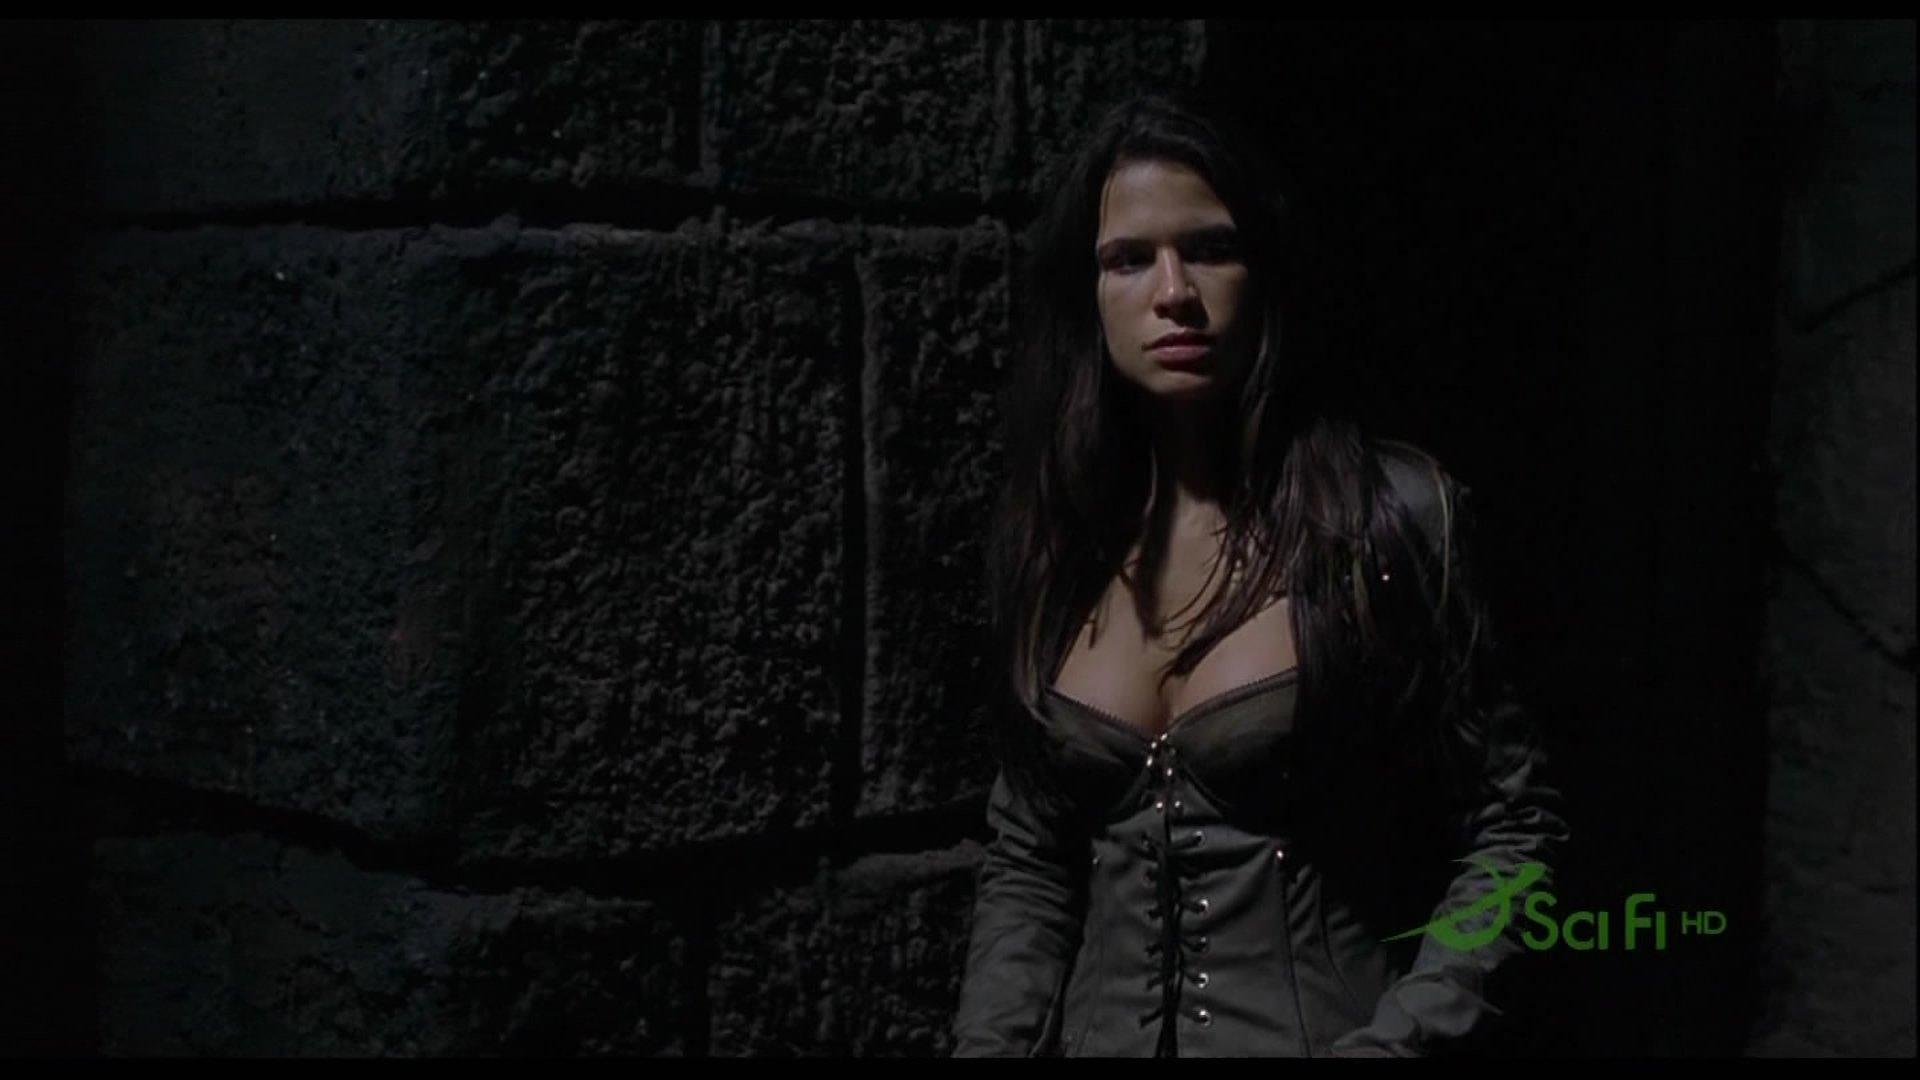 Digitalminx.com - Actresses - Rhona Mitra